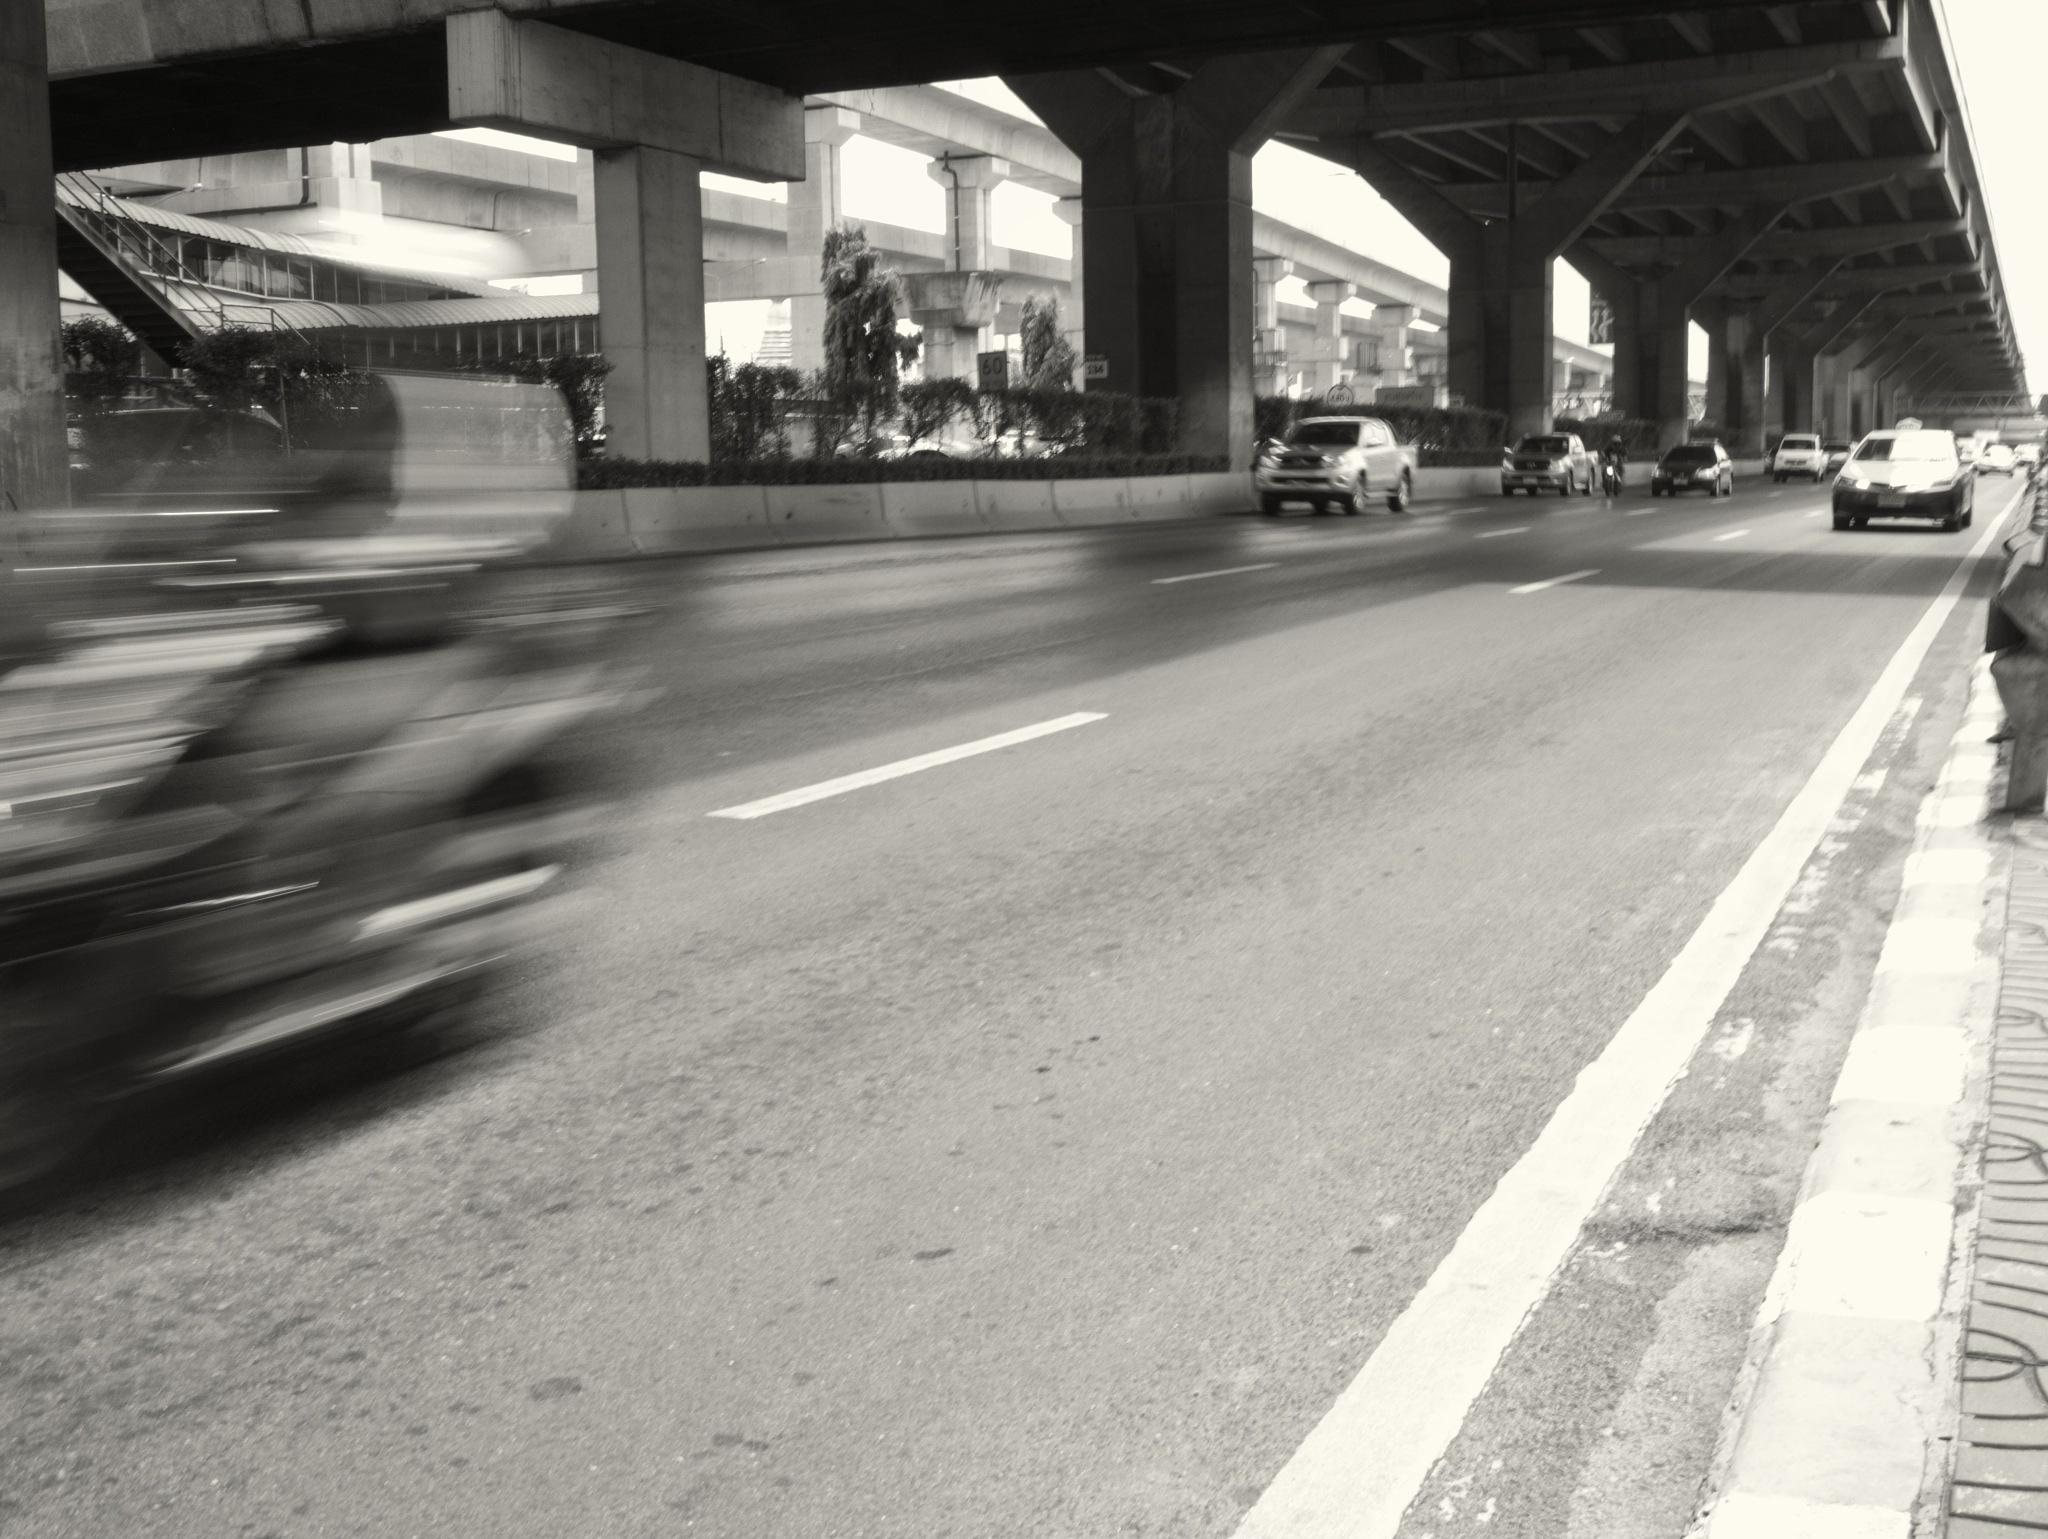 Bangkok main road by TonyG